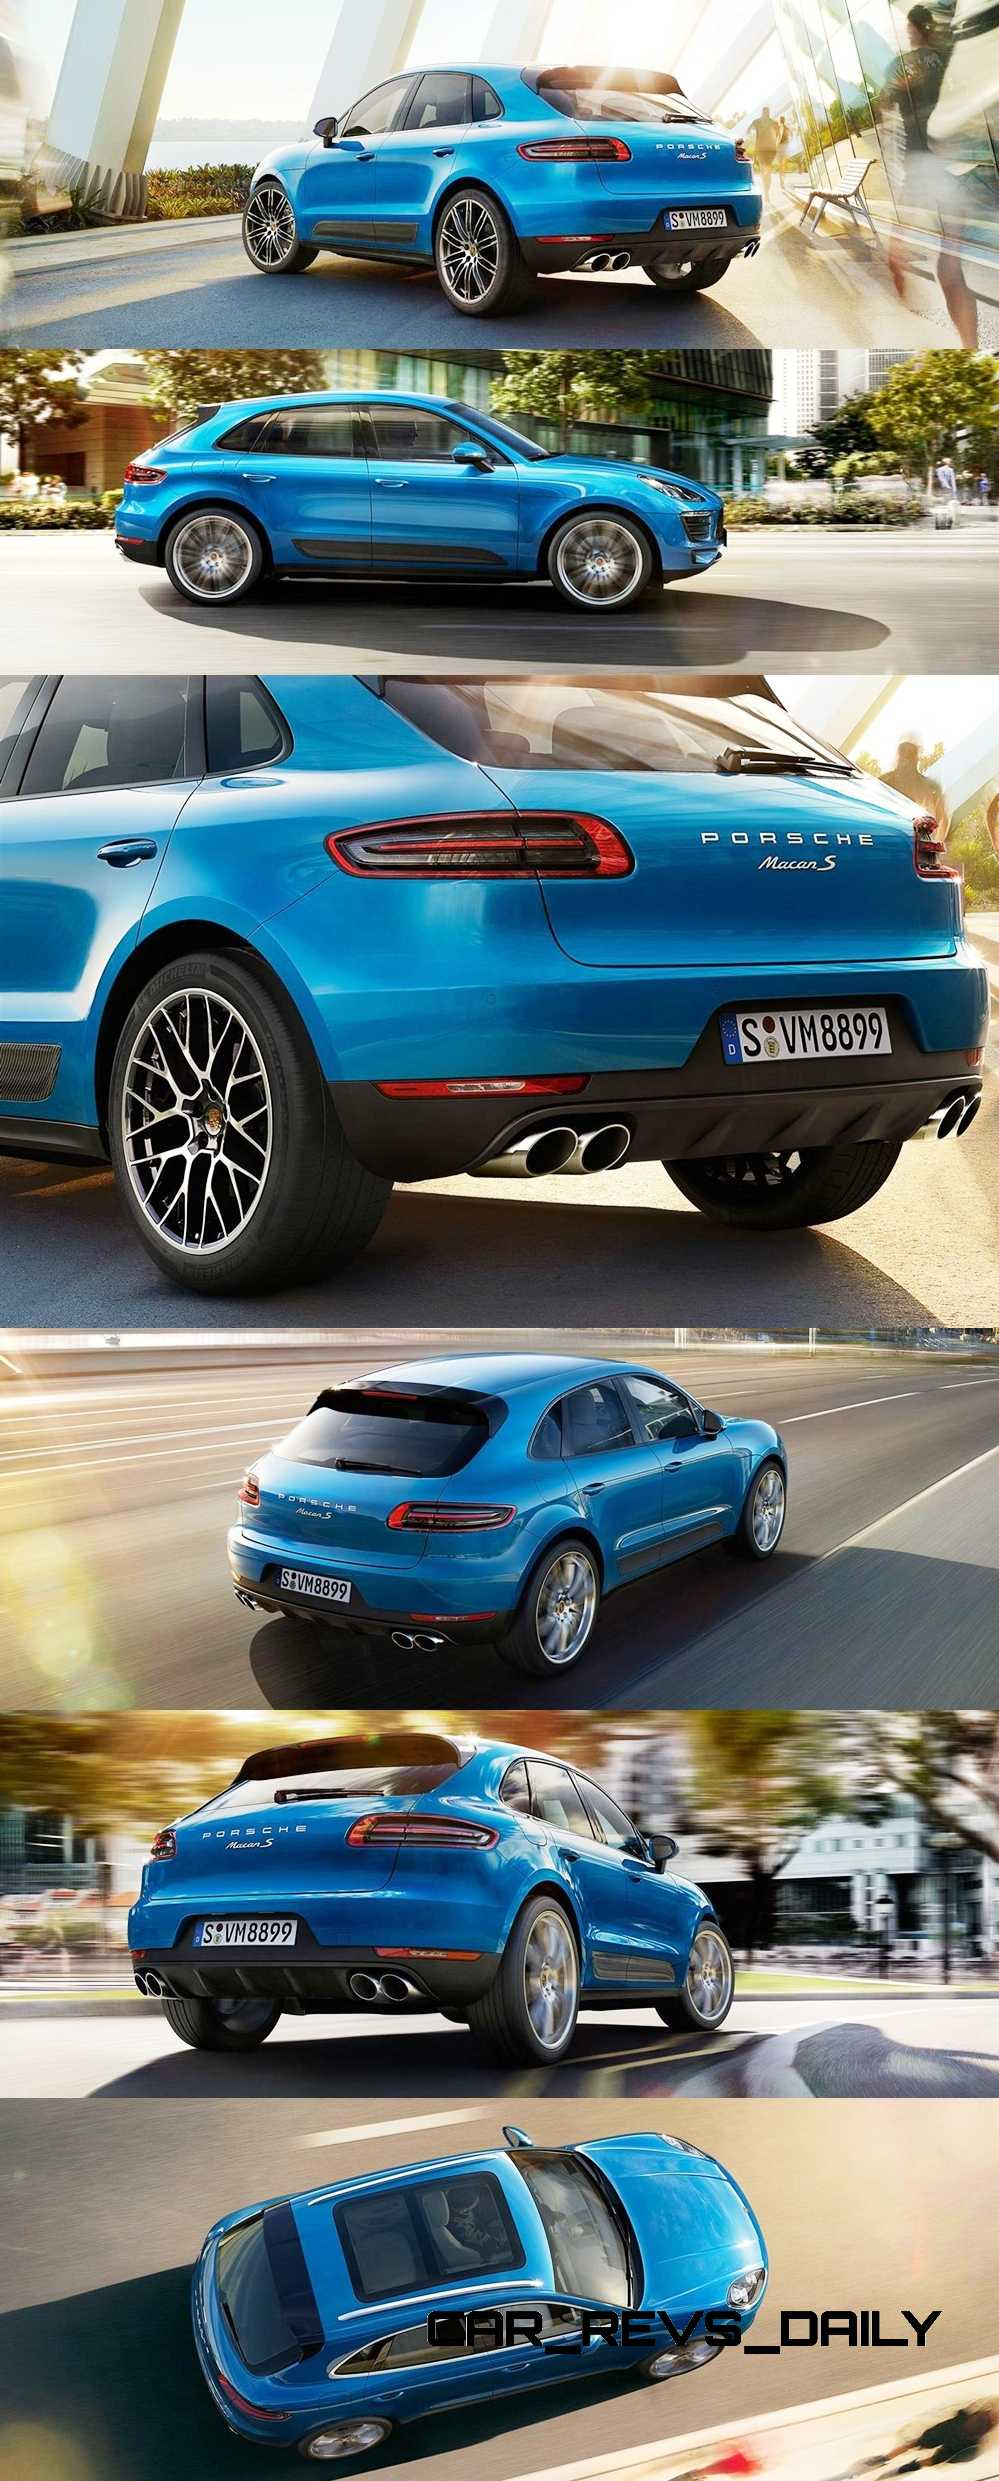 2015 Porsche Macan - Latest Images - CarRevsDaily-vert7